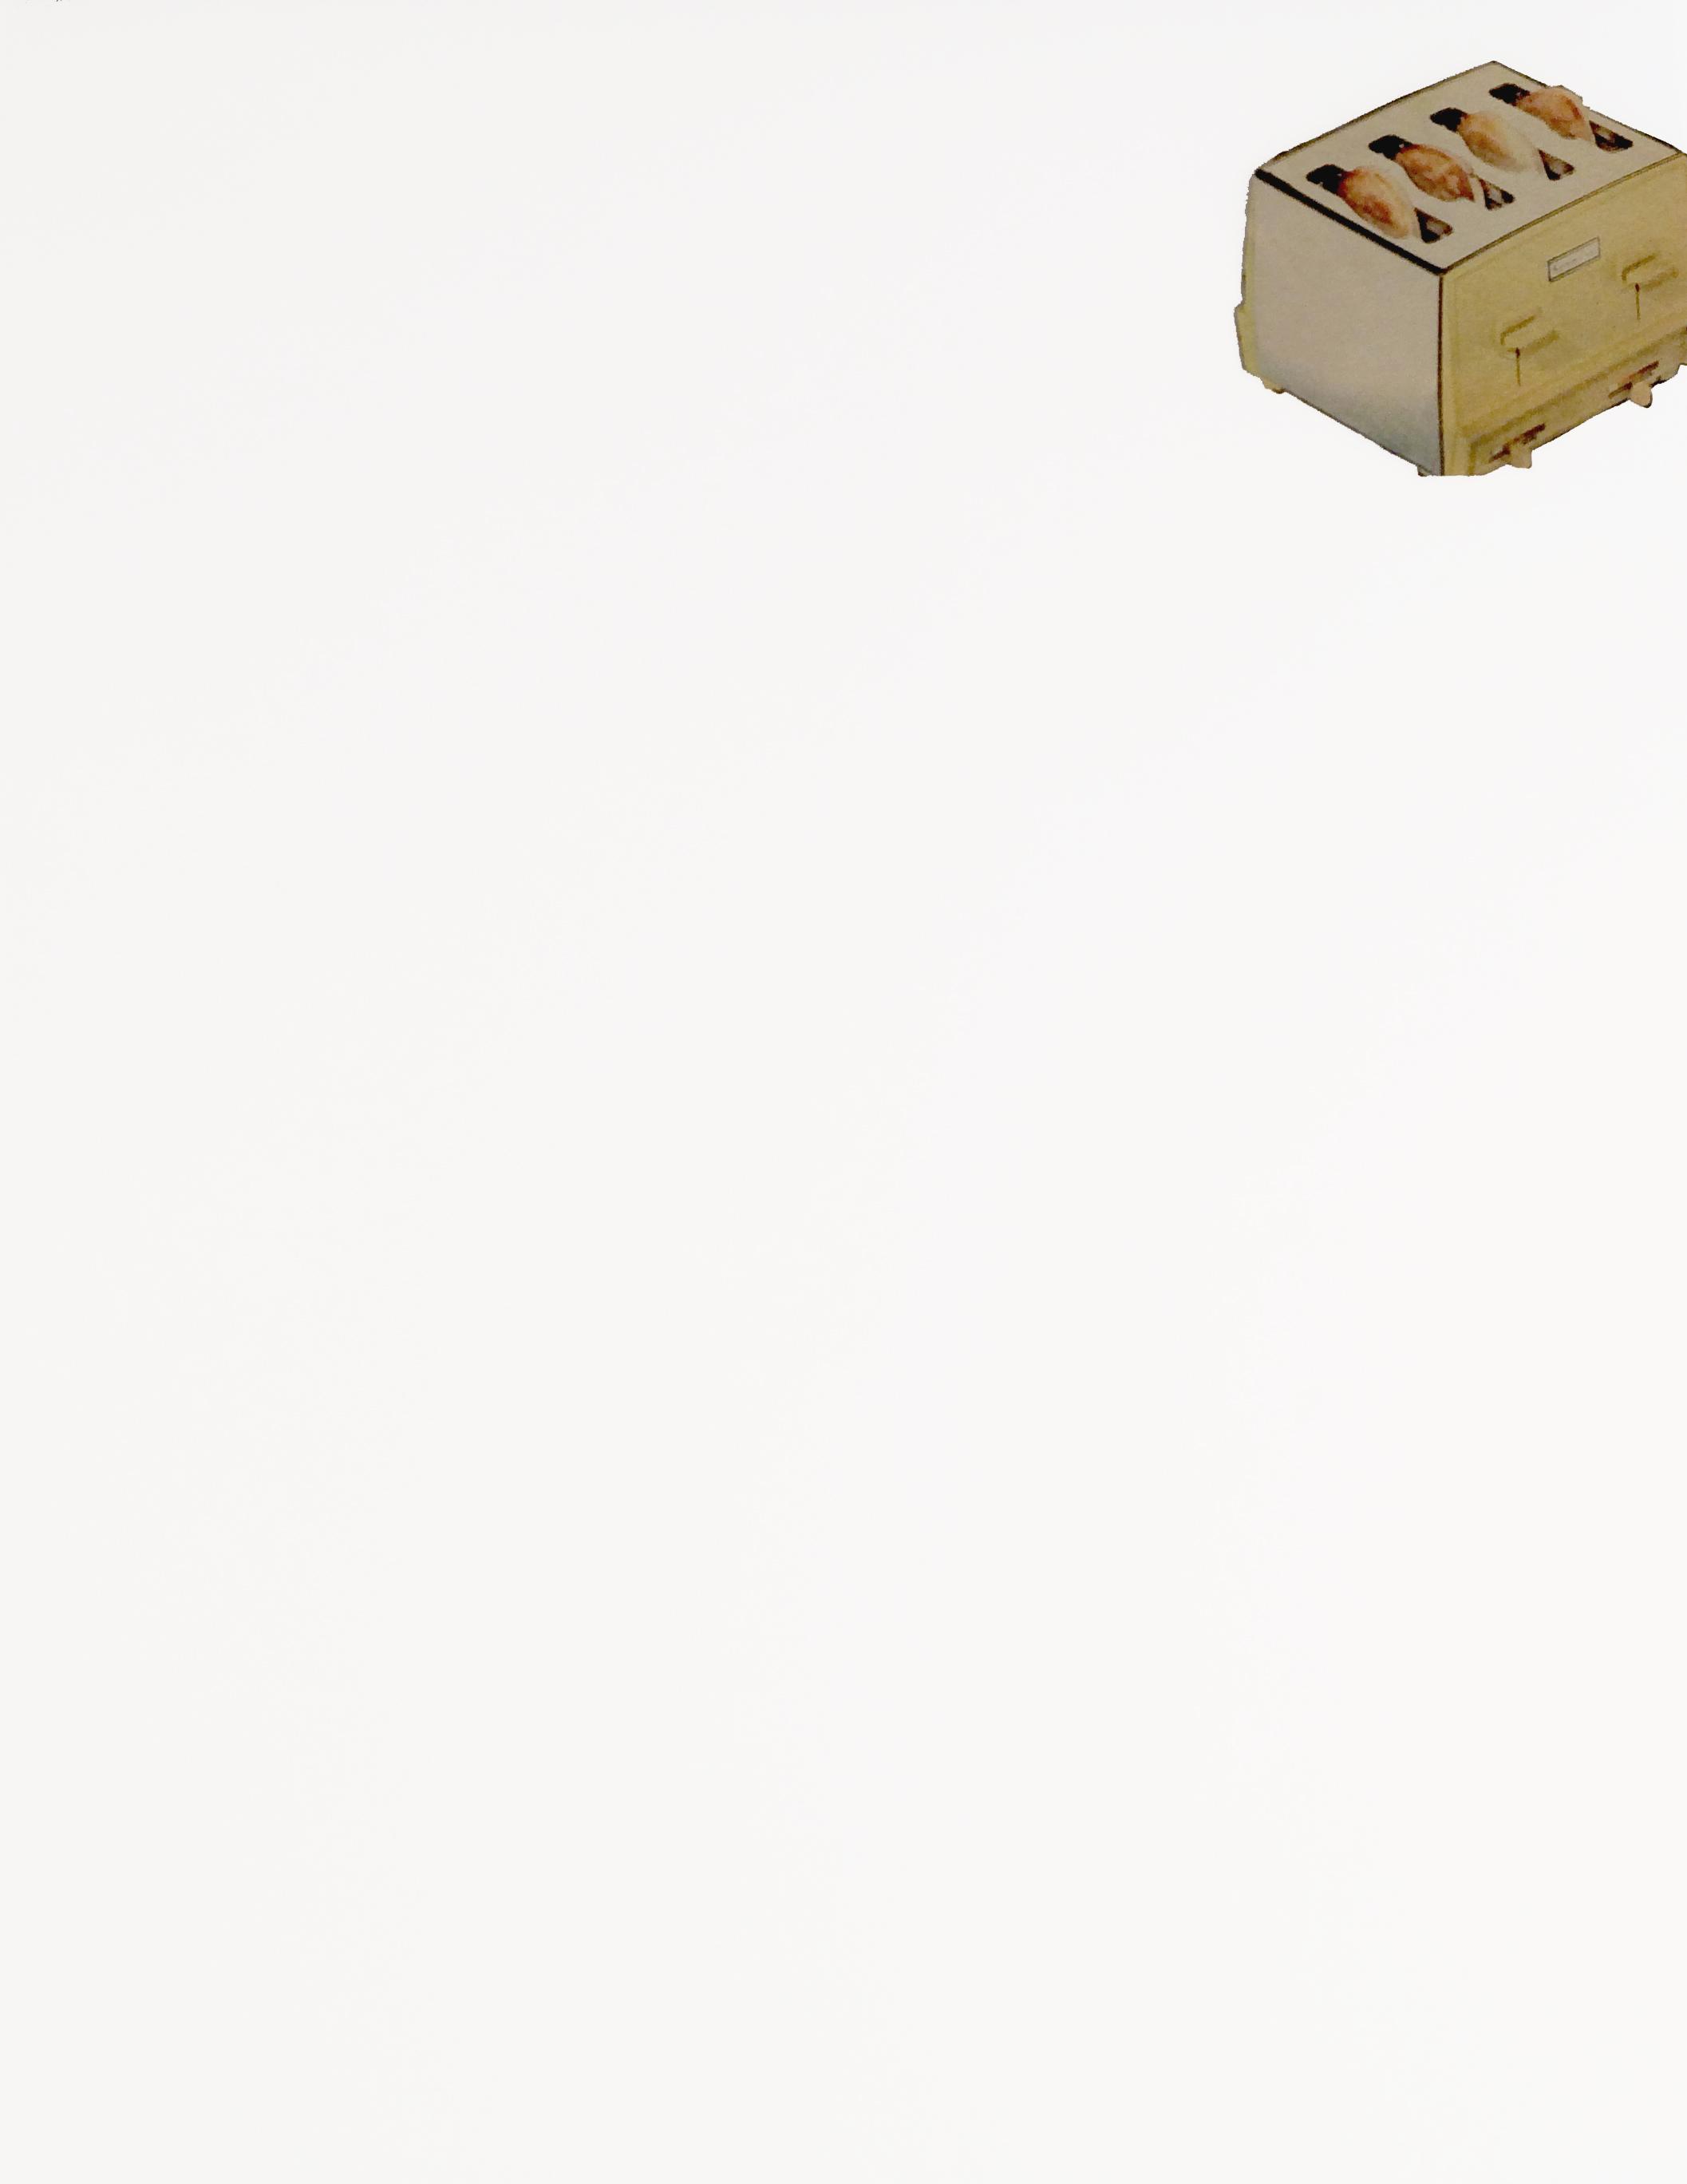 CATALOGUE - Reddimaid ADJUST - toaster WHT.jpg